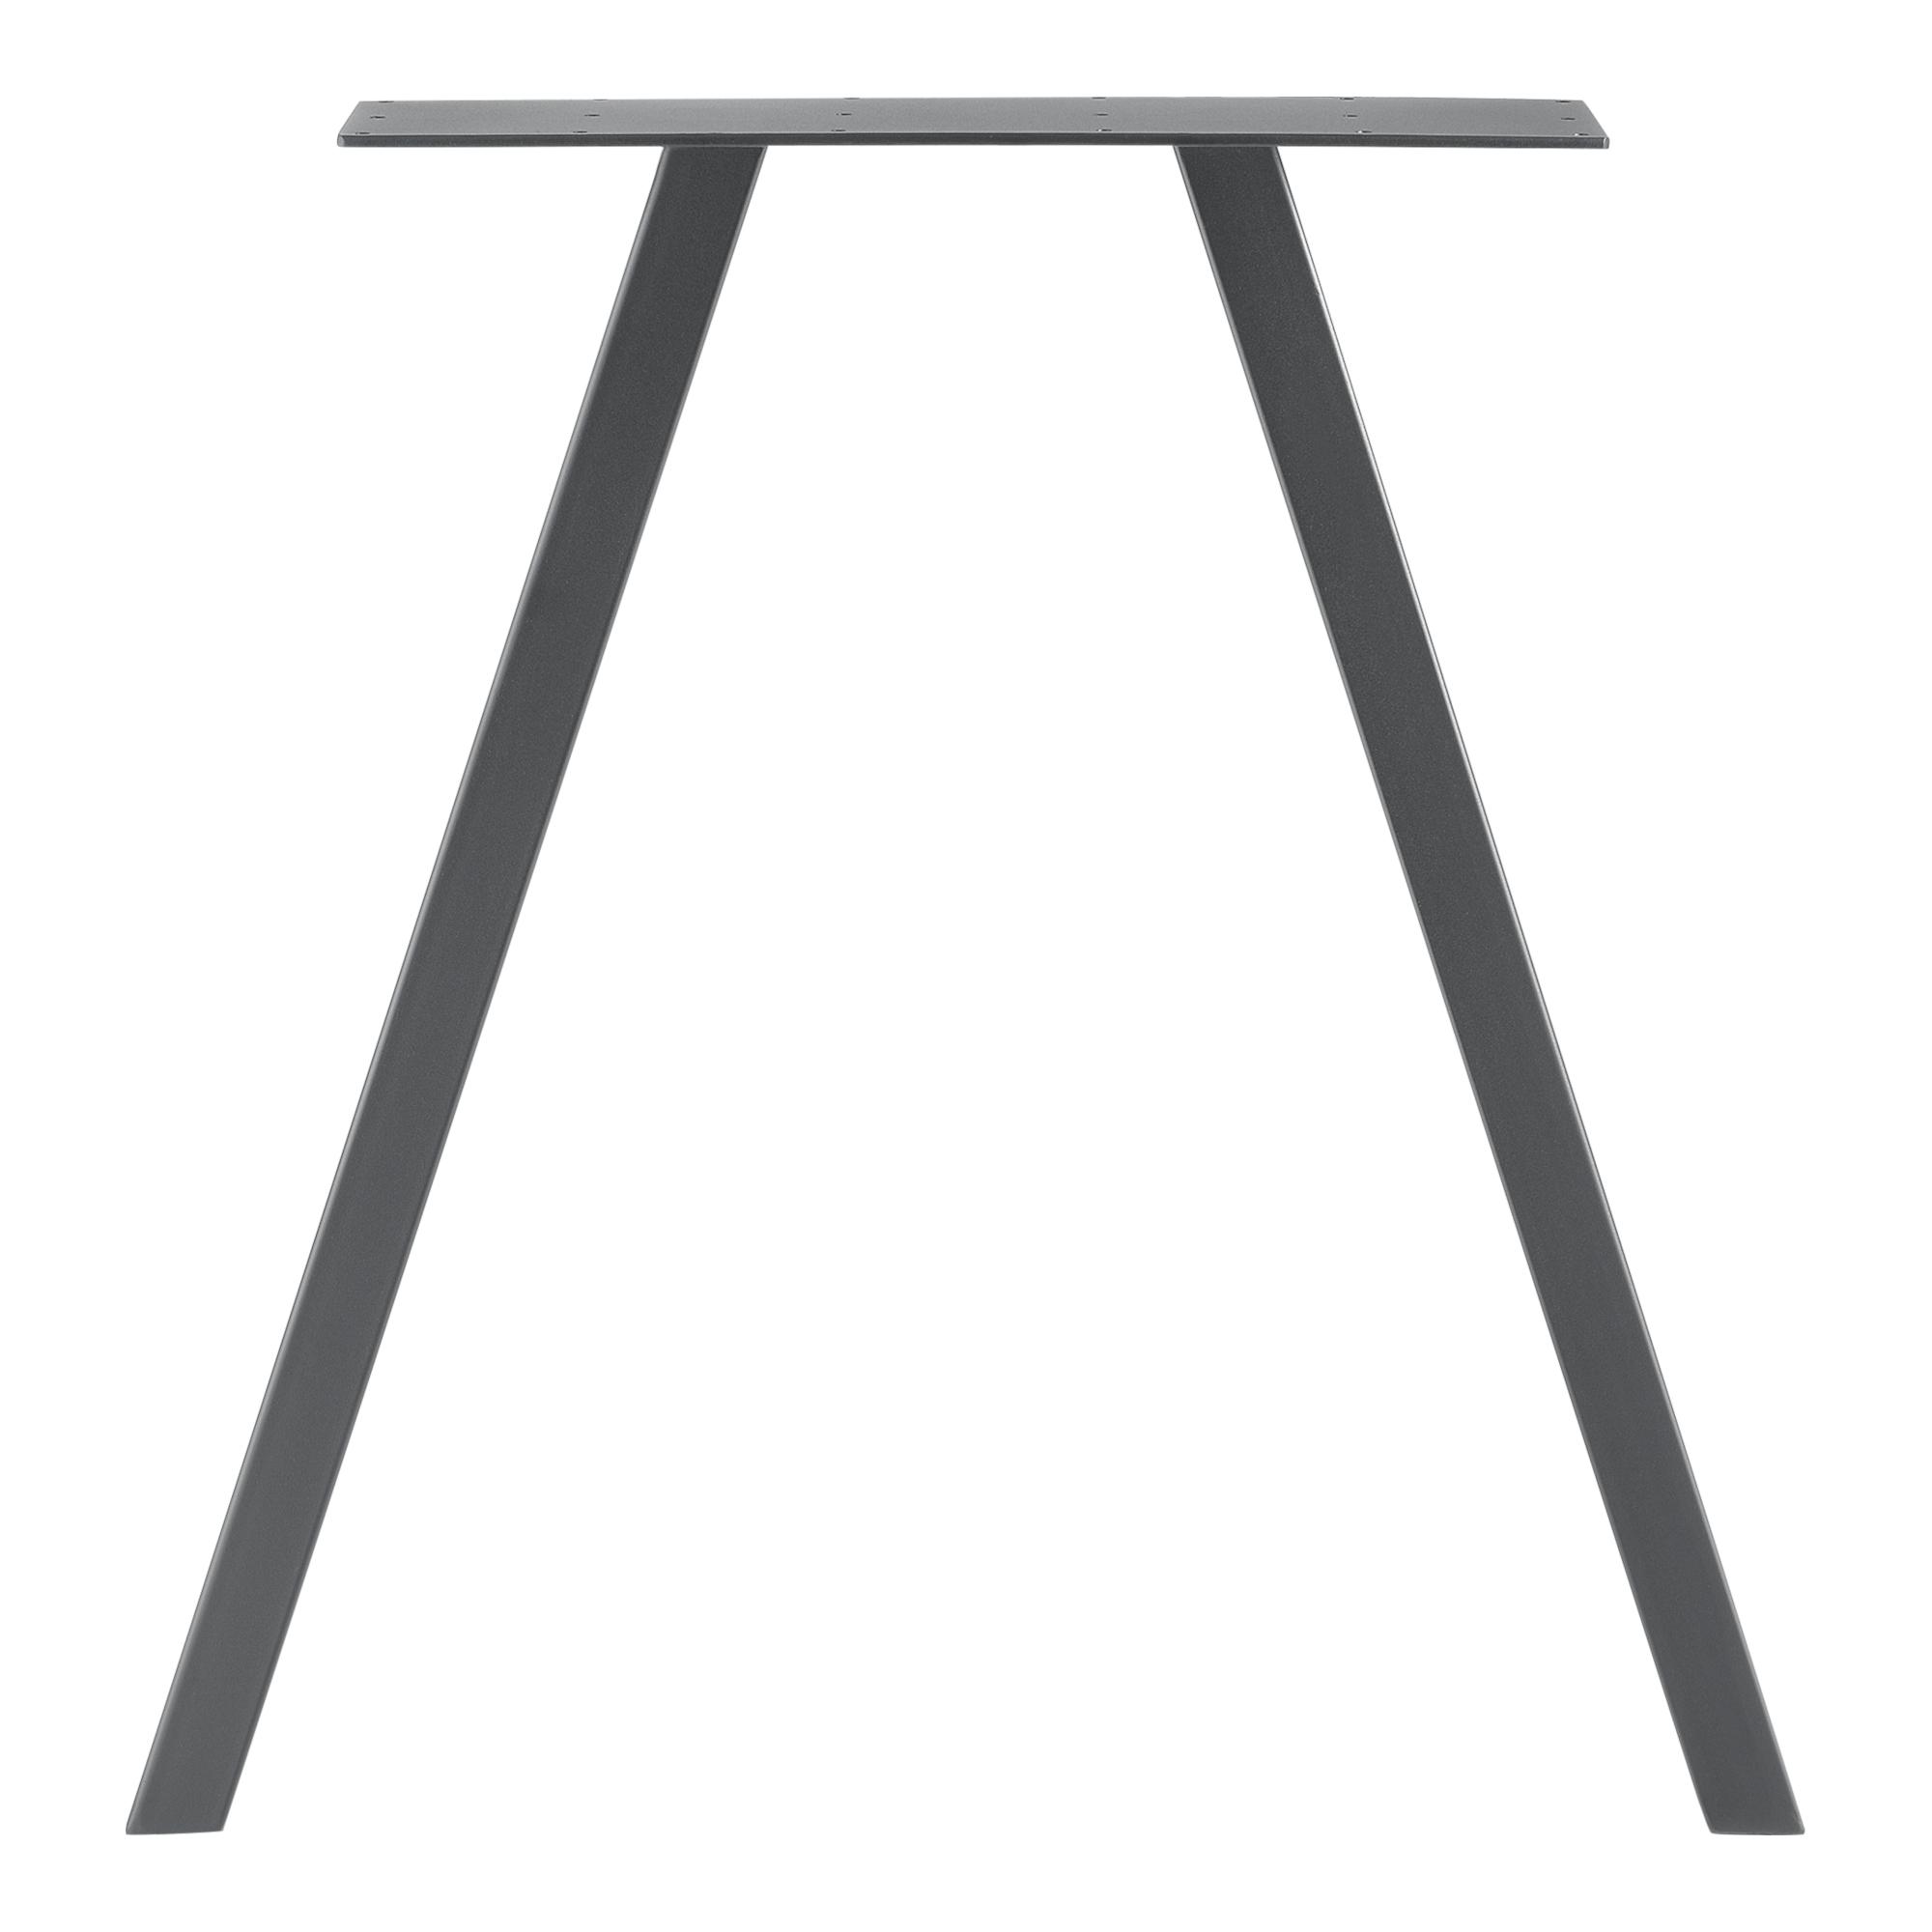 2x Tischgestell Gestell Tischbeine Untergestell Tischkufen 50//70x12x72cm Schwarz